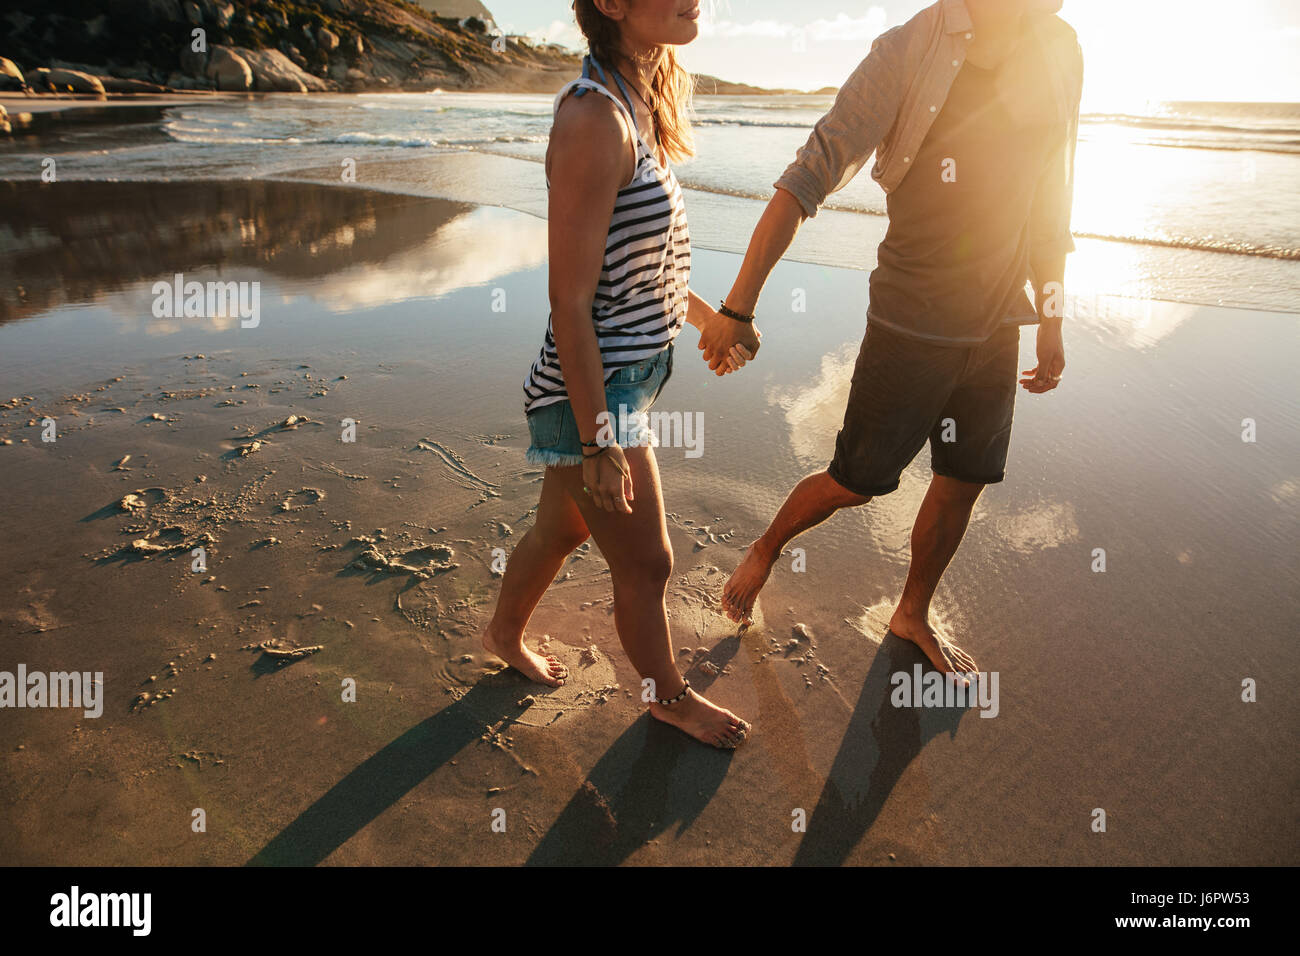 Disparó al aire libre de amorosa pareja joven caminando por la orilla del mar cogidos de la mano. El hombre y la Foto de stock